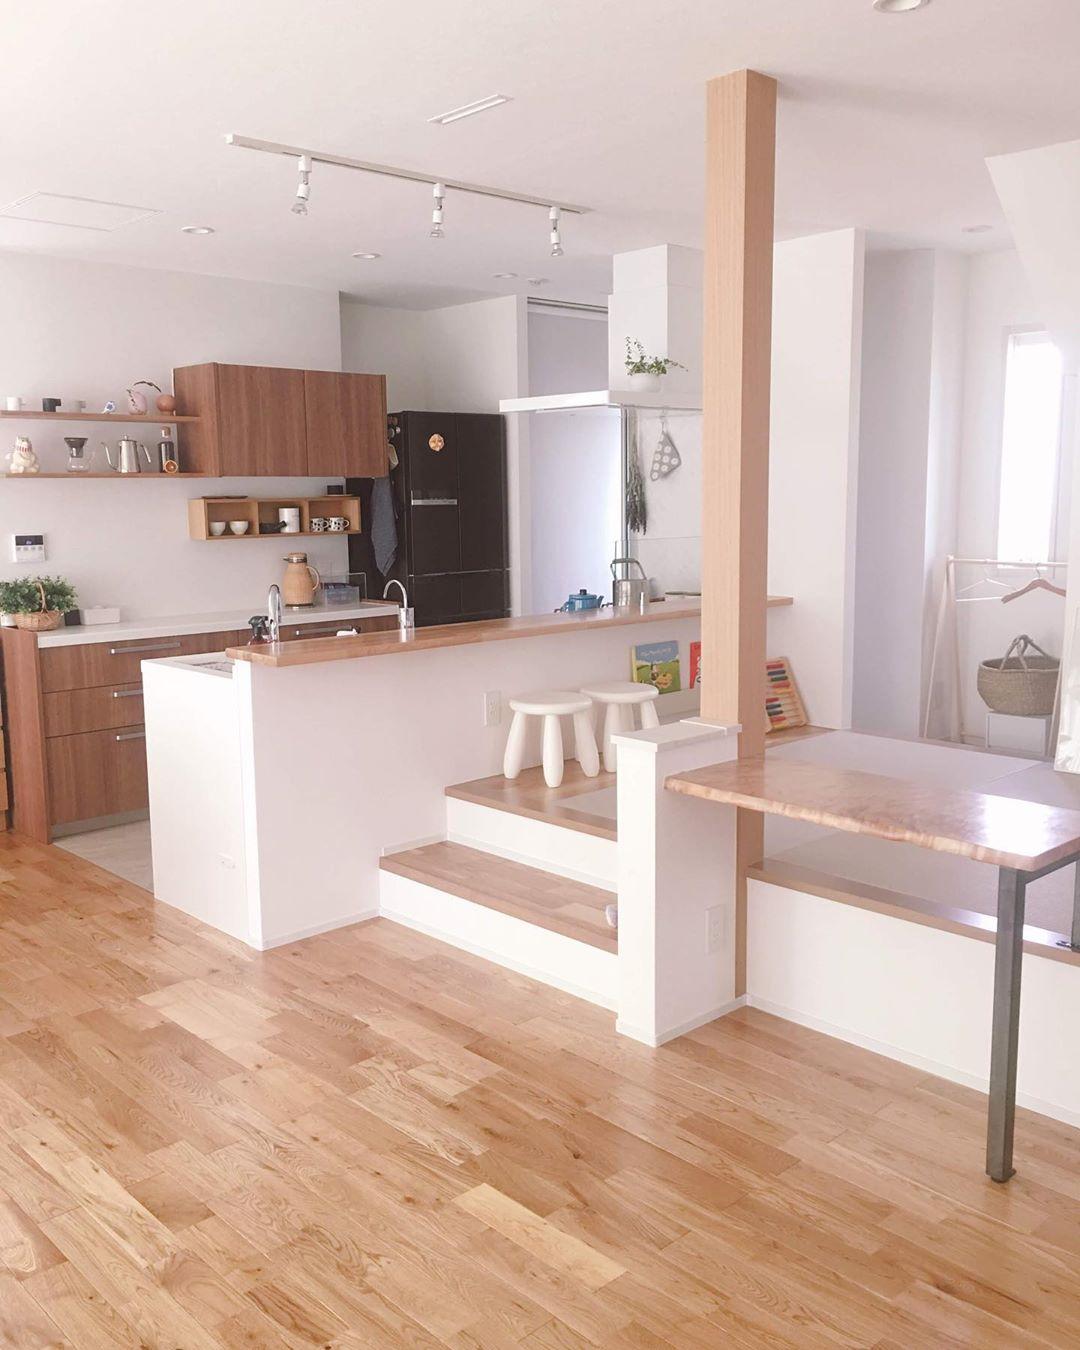 desain dapur dengan sentuhan Skandinavian